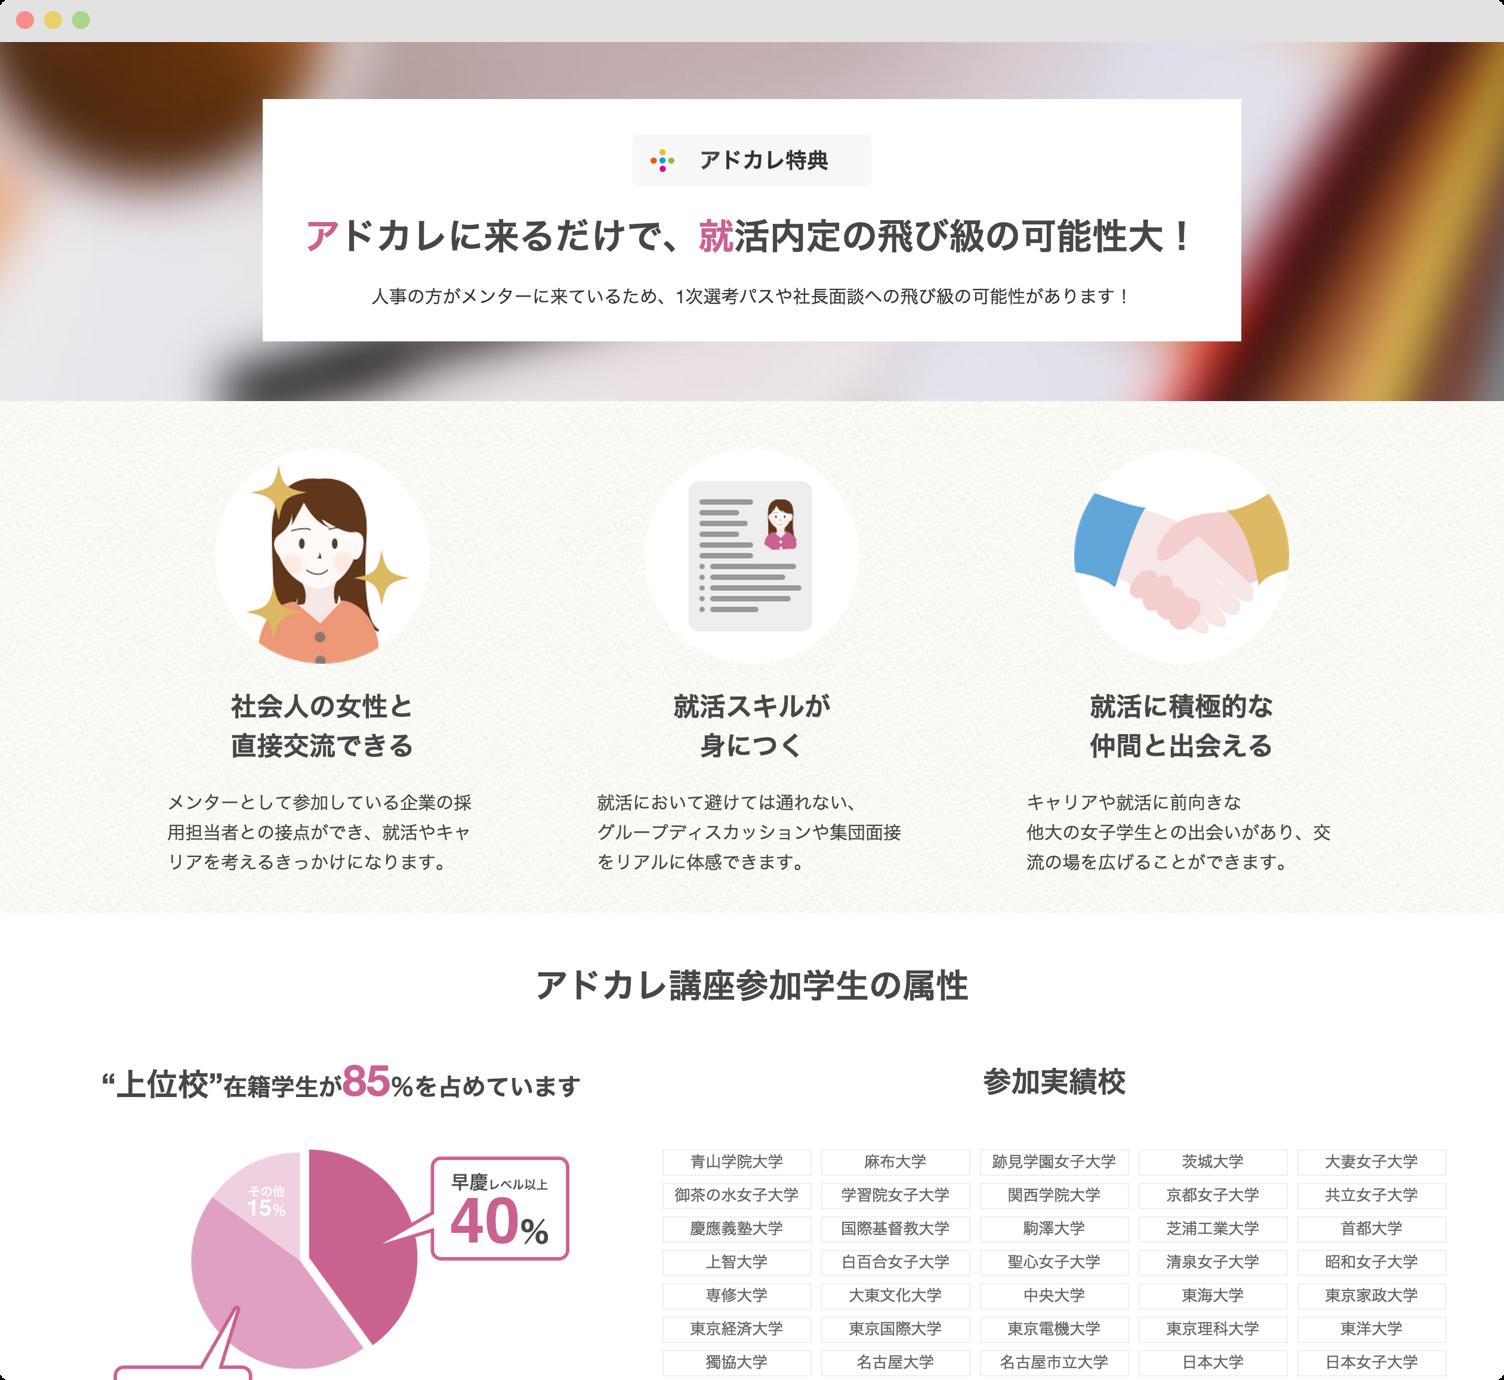 女子学生向けキャリア支援サービスLPPC版スクリーンショット2